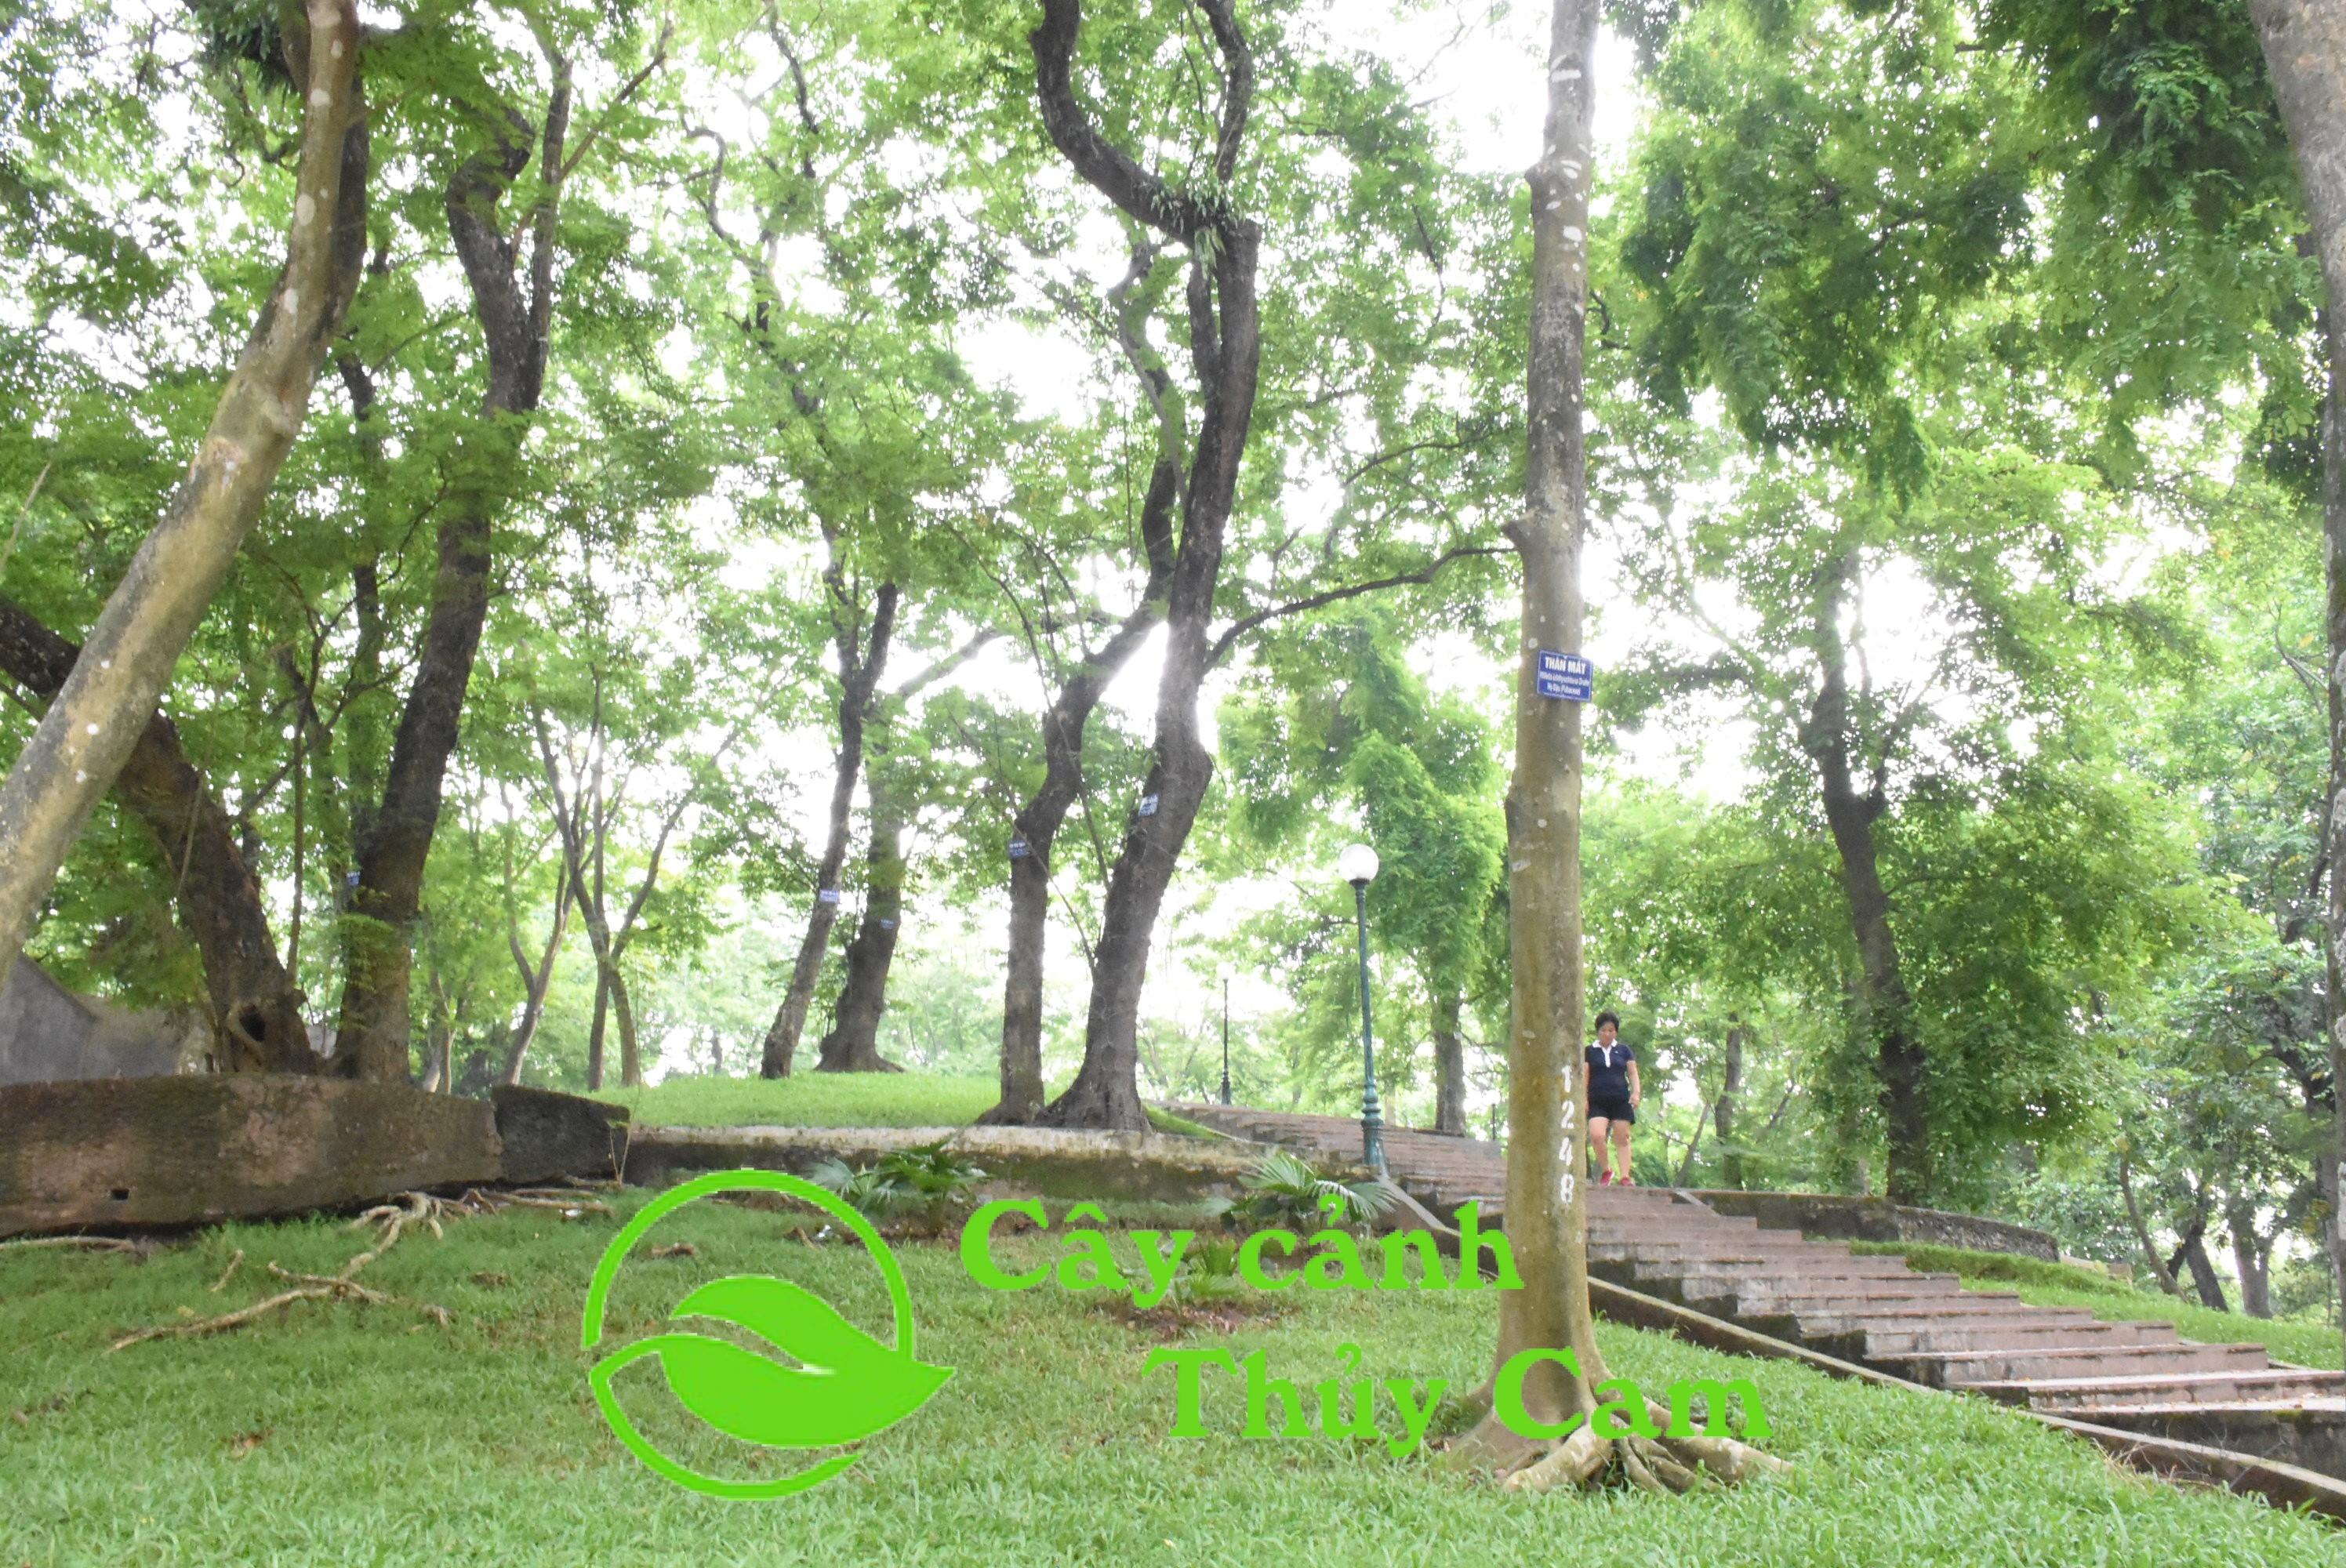 Cây sưa đỏ được trồng để mang tới bóng mát trong các công viên, vỉa hè, đường phố